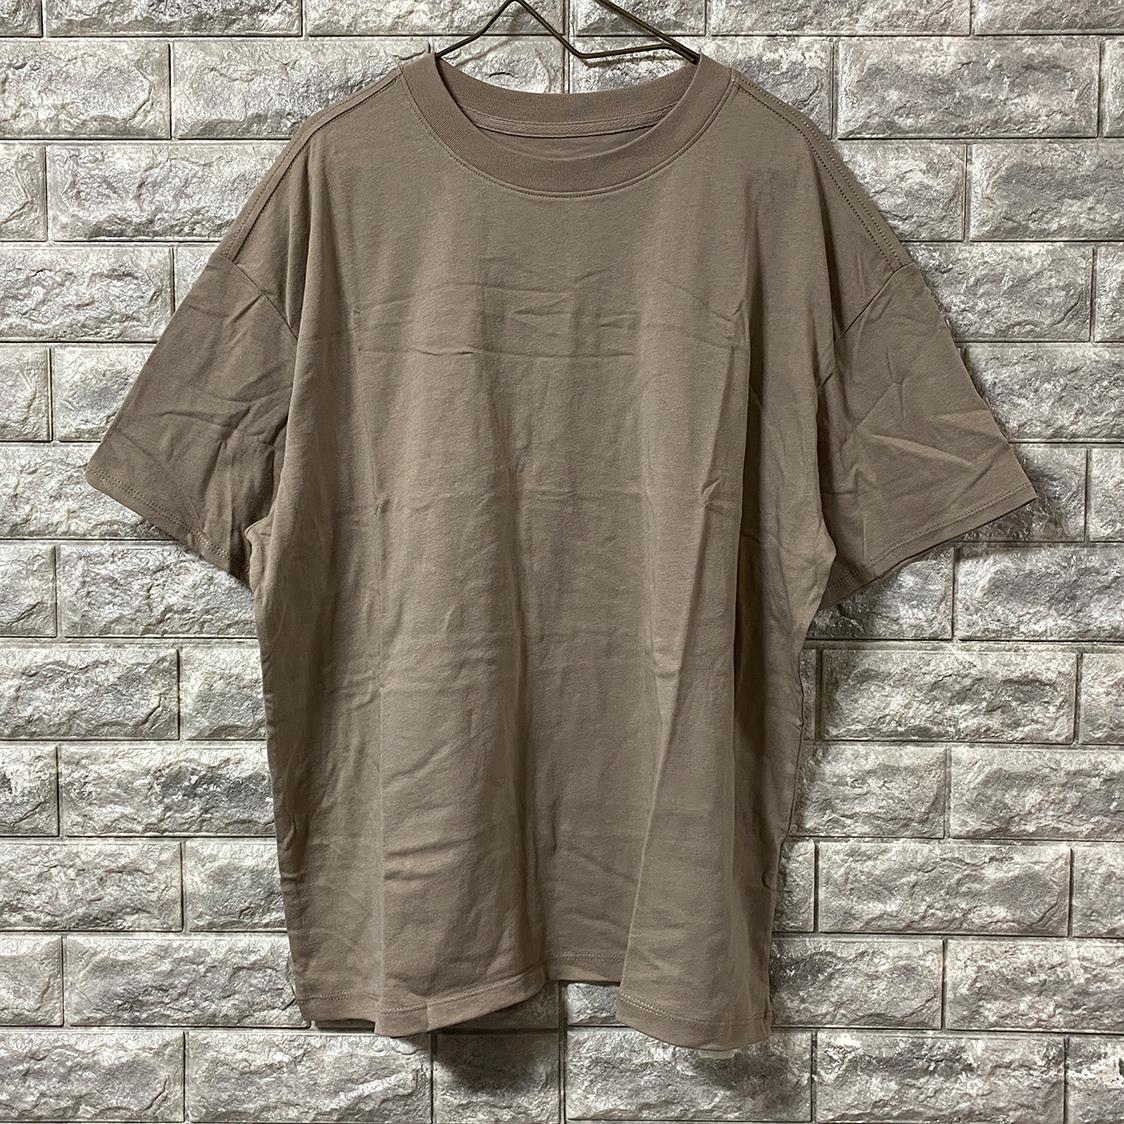 正規品 FOG ESSENTIALS エフオージー エッセンシャルズ 【Mサイズ】 3 pack Tシャツ 3色 パックTシャツ fear of god PACSUN クリーム タン グレー